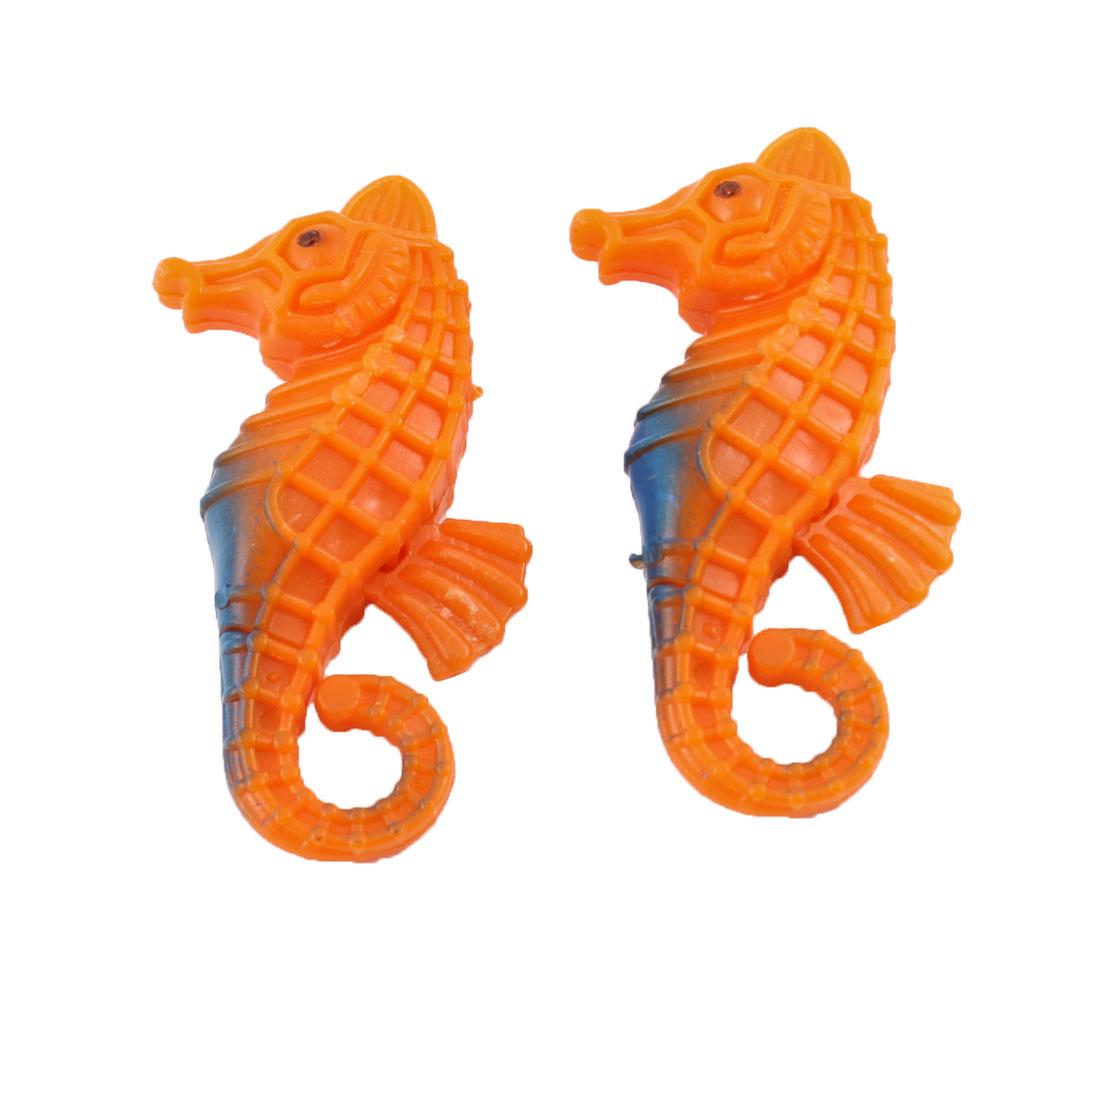 Aquarium Fish Tank Emulation Plastic Animal Seahorse Orange Decor 2 Pcs